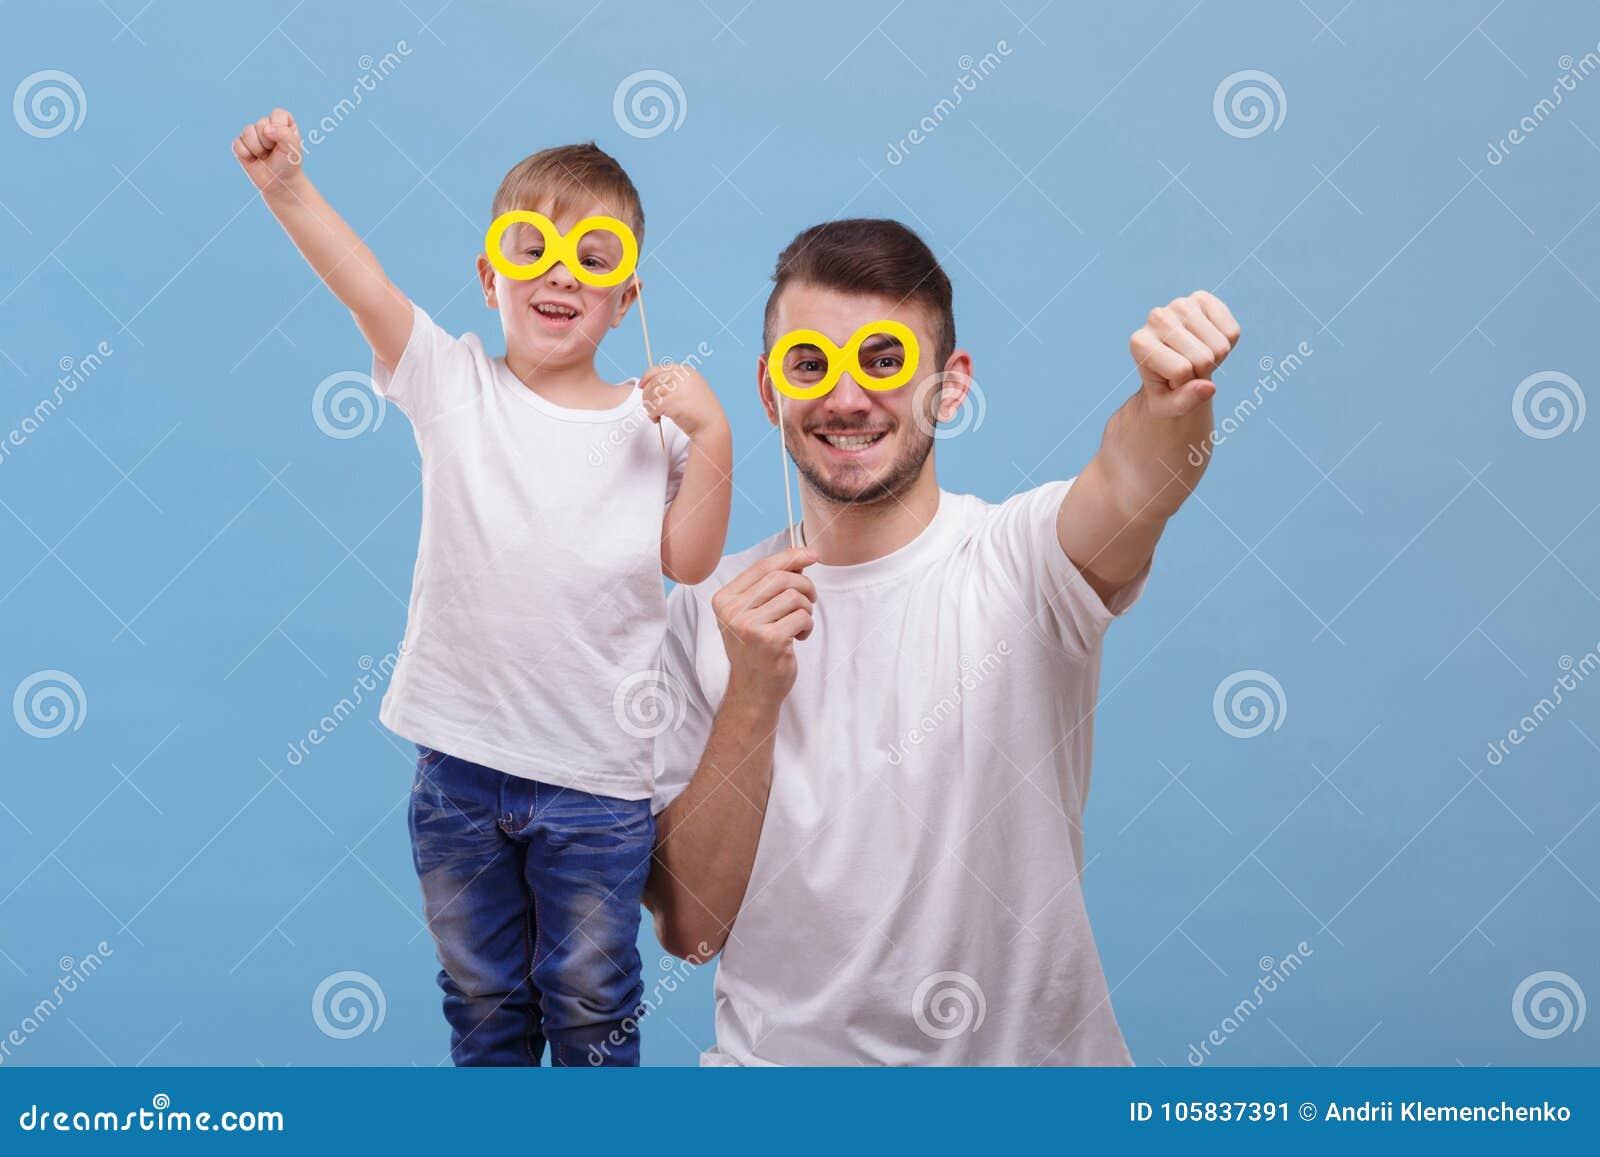 Ο μπαμπάς και ο γιος του βάζουν τα γυαλιά τους σε ένα ραβδί σε ένα μπλε υπόβαθρο